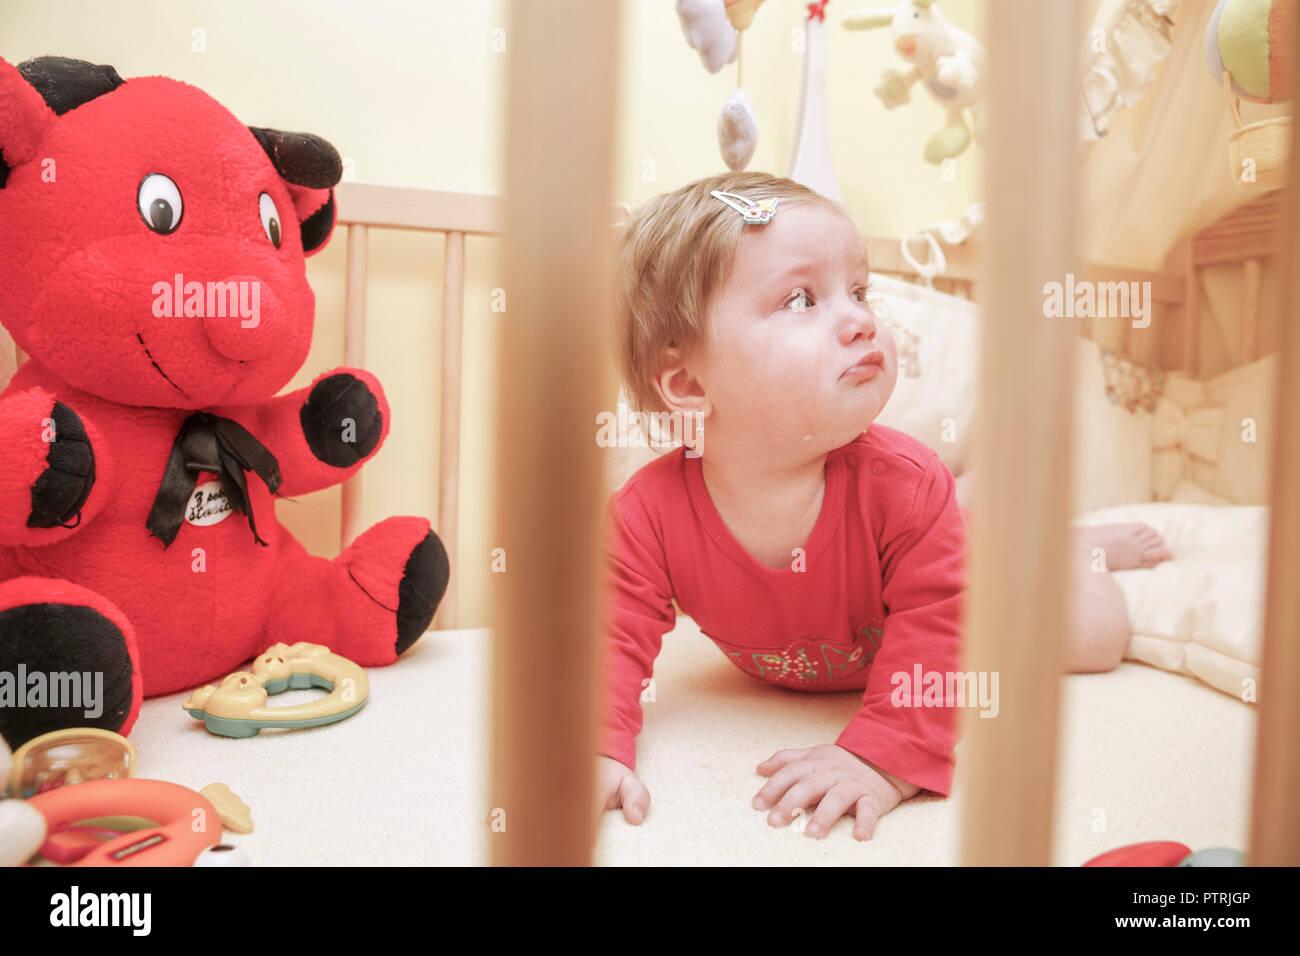 Kinderzimmer, Gitterbett, Kleinkind, liegend, liegen, weinen, Laufstall, Kinderbett, Kind, Baby, Maedchen, blond, Kindheit, traurig, einsam, allein, a - Stock Image